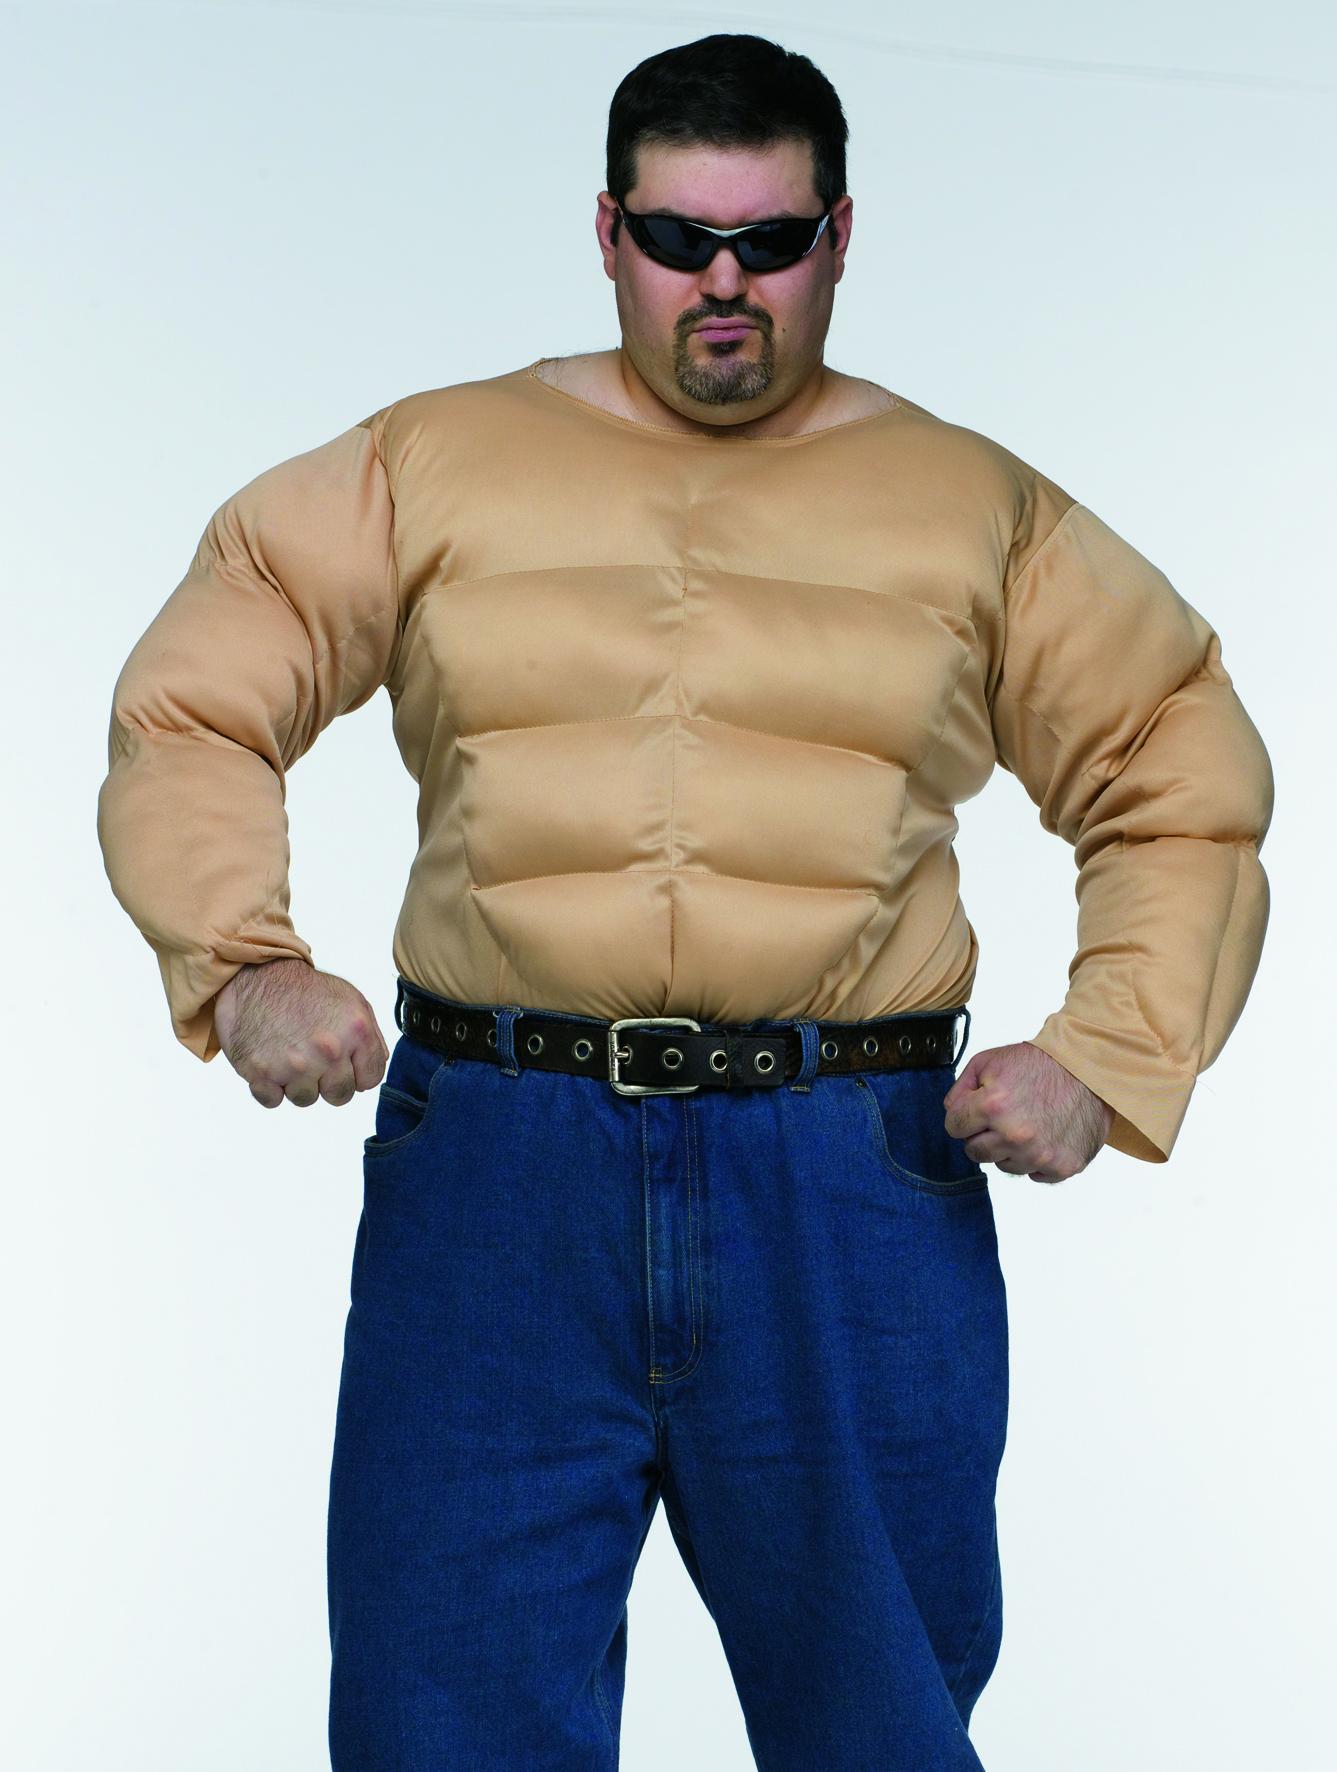 חולצת שרירים - מידת מבוגר